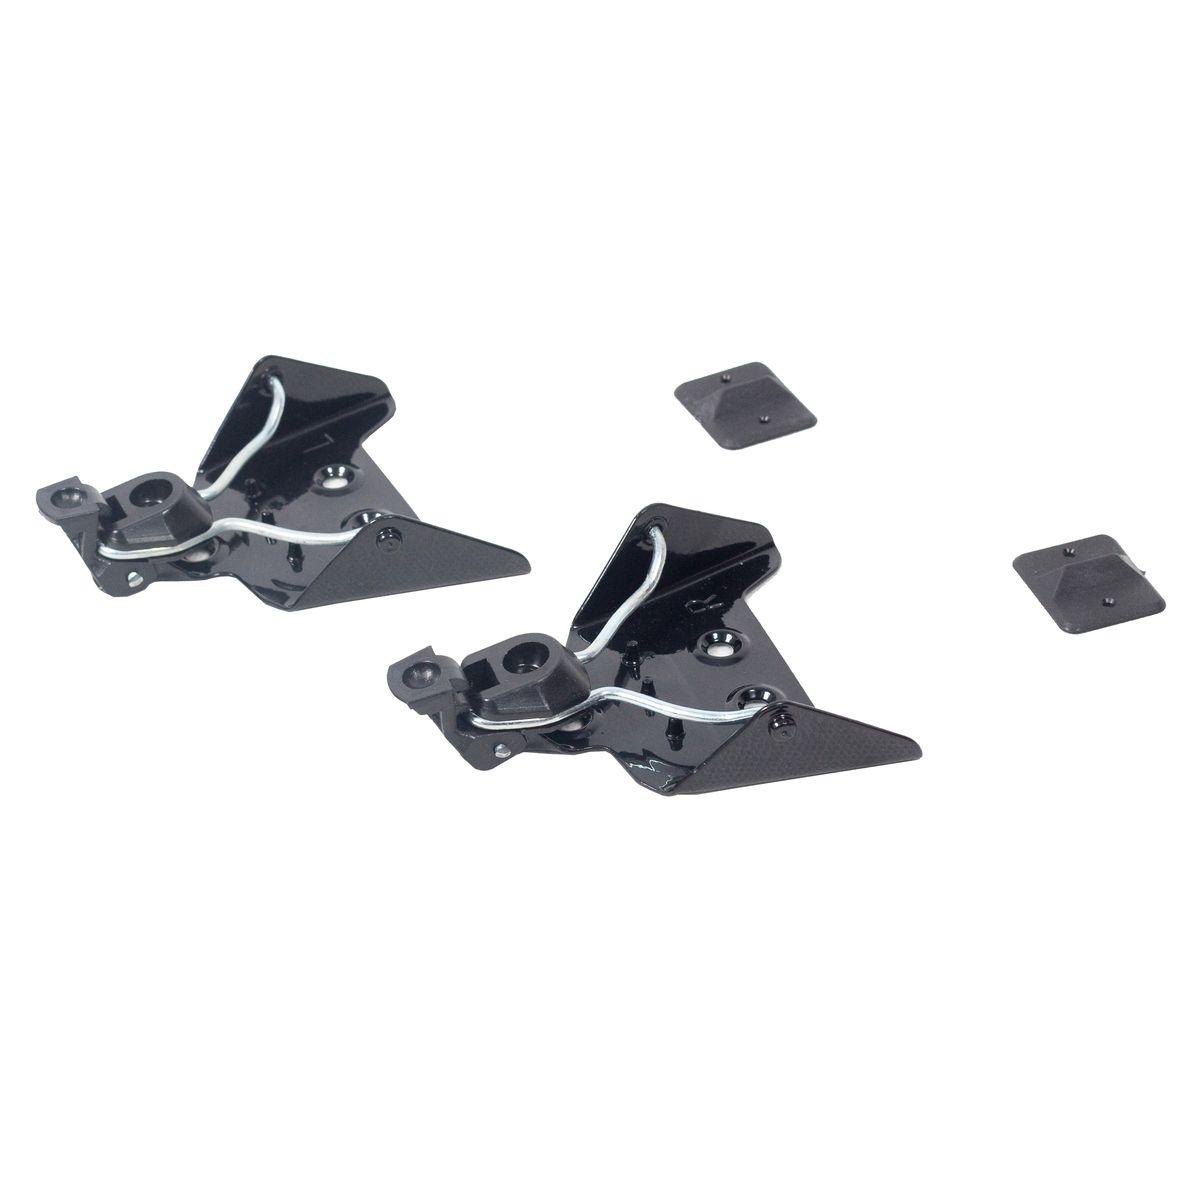 Крепления для беговых лыж Karjala, 75ммKarjala Comfort NNNКрепления для беговых лыж Karjala предназначены для установки на беговые лыжи с использованием ботинок системы NN-75 mm. Установить крепления несложно. Правильно установленное крепление позволит обеспечить удобство катания. На основание креплений нанесены буквы L - левое, R - правое. В комплекте - инструкция по сборке на русском языке.